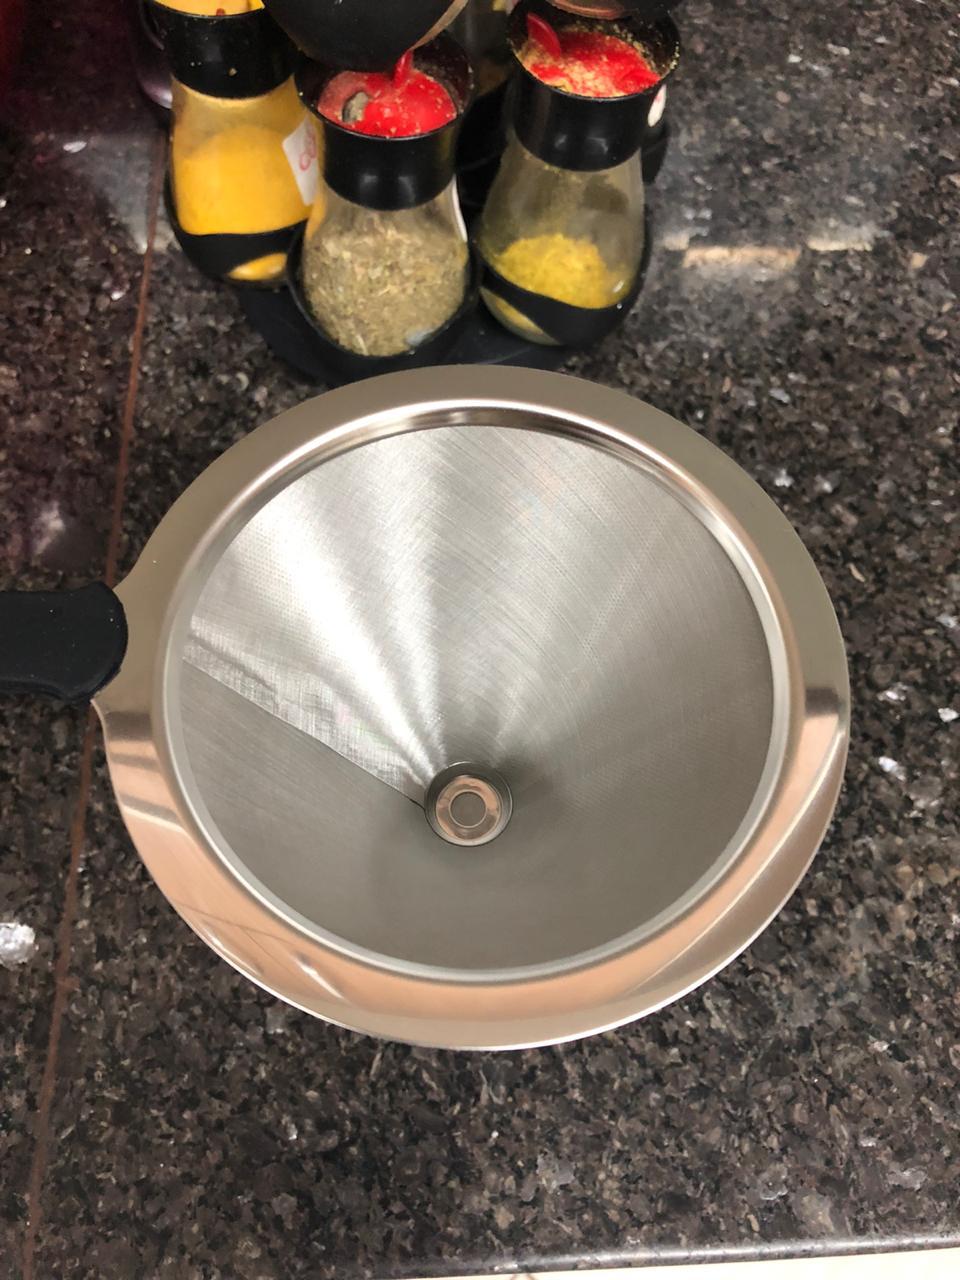 coador de café pour over filtro de café reutilizável individual aço inox 11cm não precisa de papel